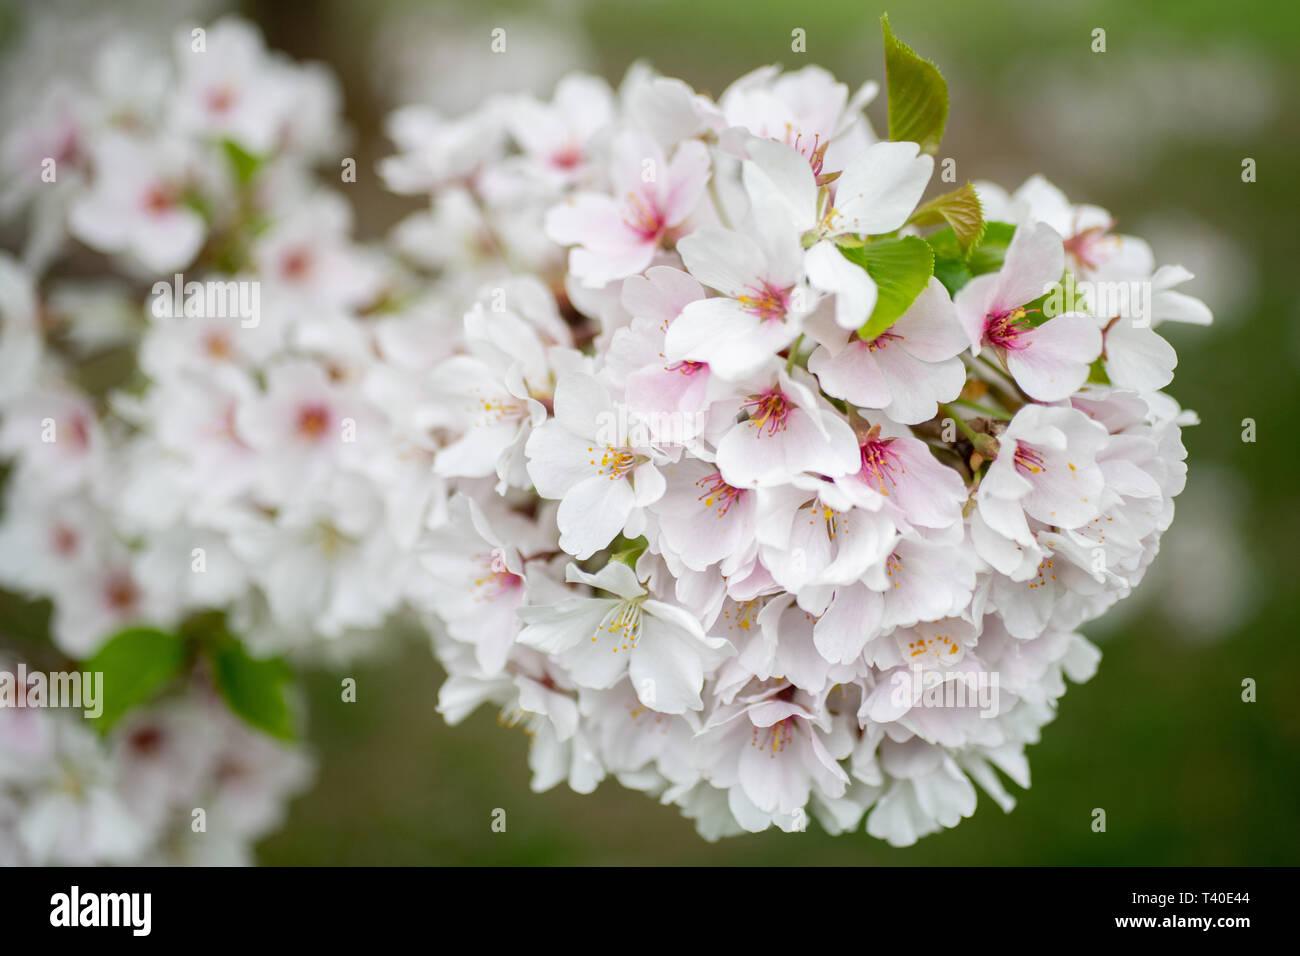 Prunus X Yedoensis Cherry Tree Blossoms In Spring Flowering